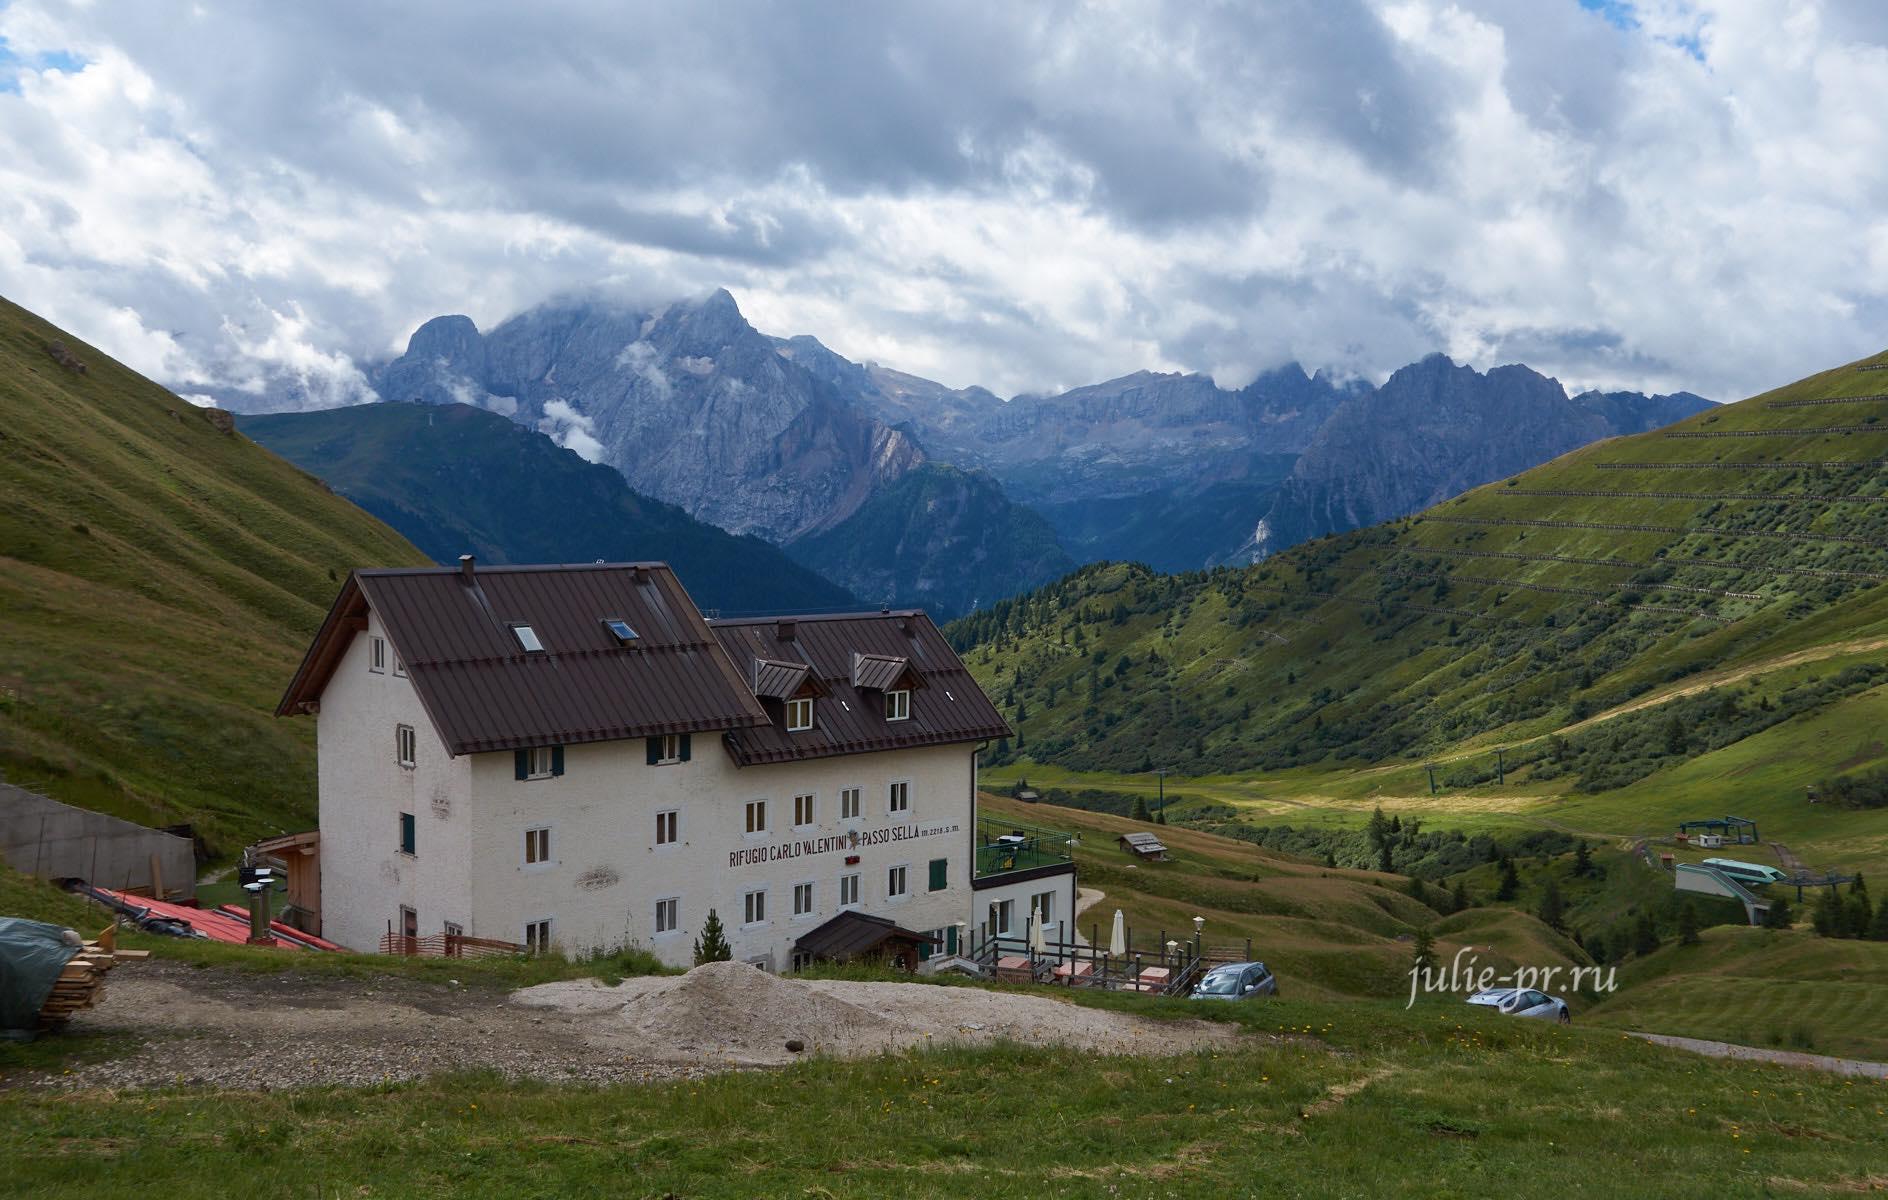 Италия, Альпы, Доломиты, Rifugio Carlo Valentini